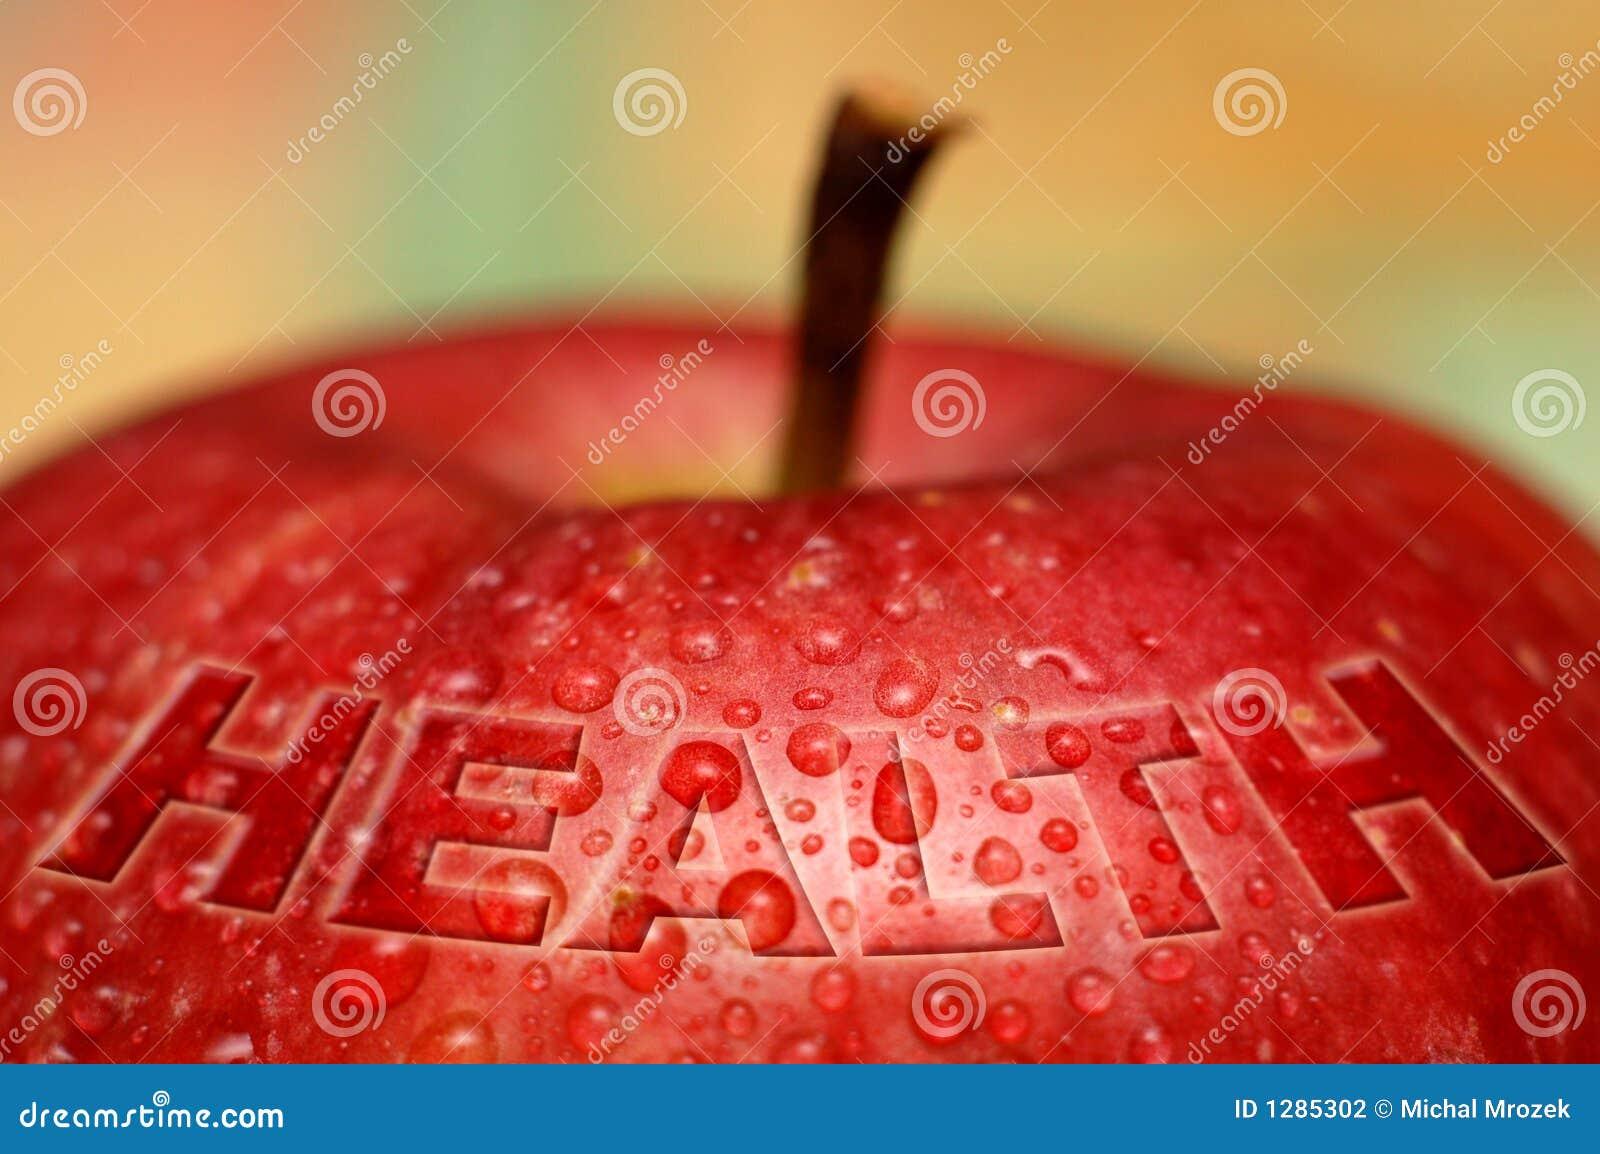 Zdrowie jabłko mokre